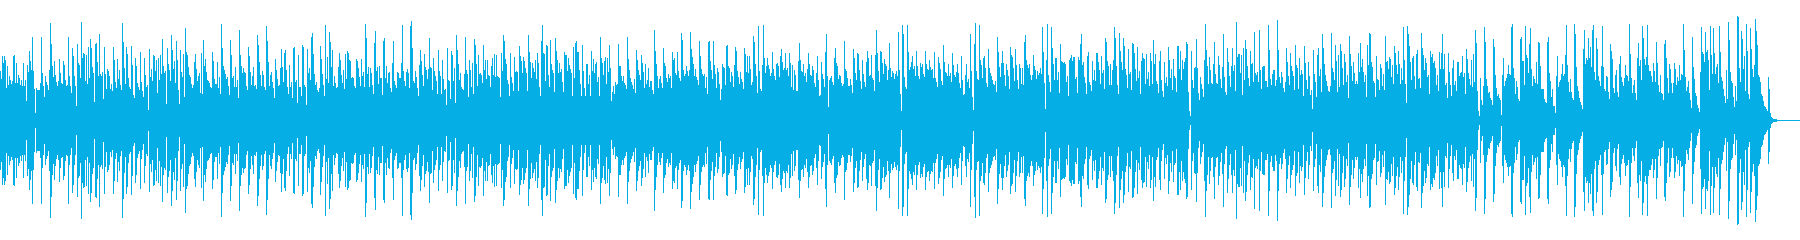 モーツァルトの有名曲をジャズ風にアレンジの再生済みの波形